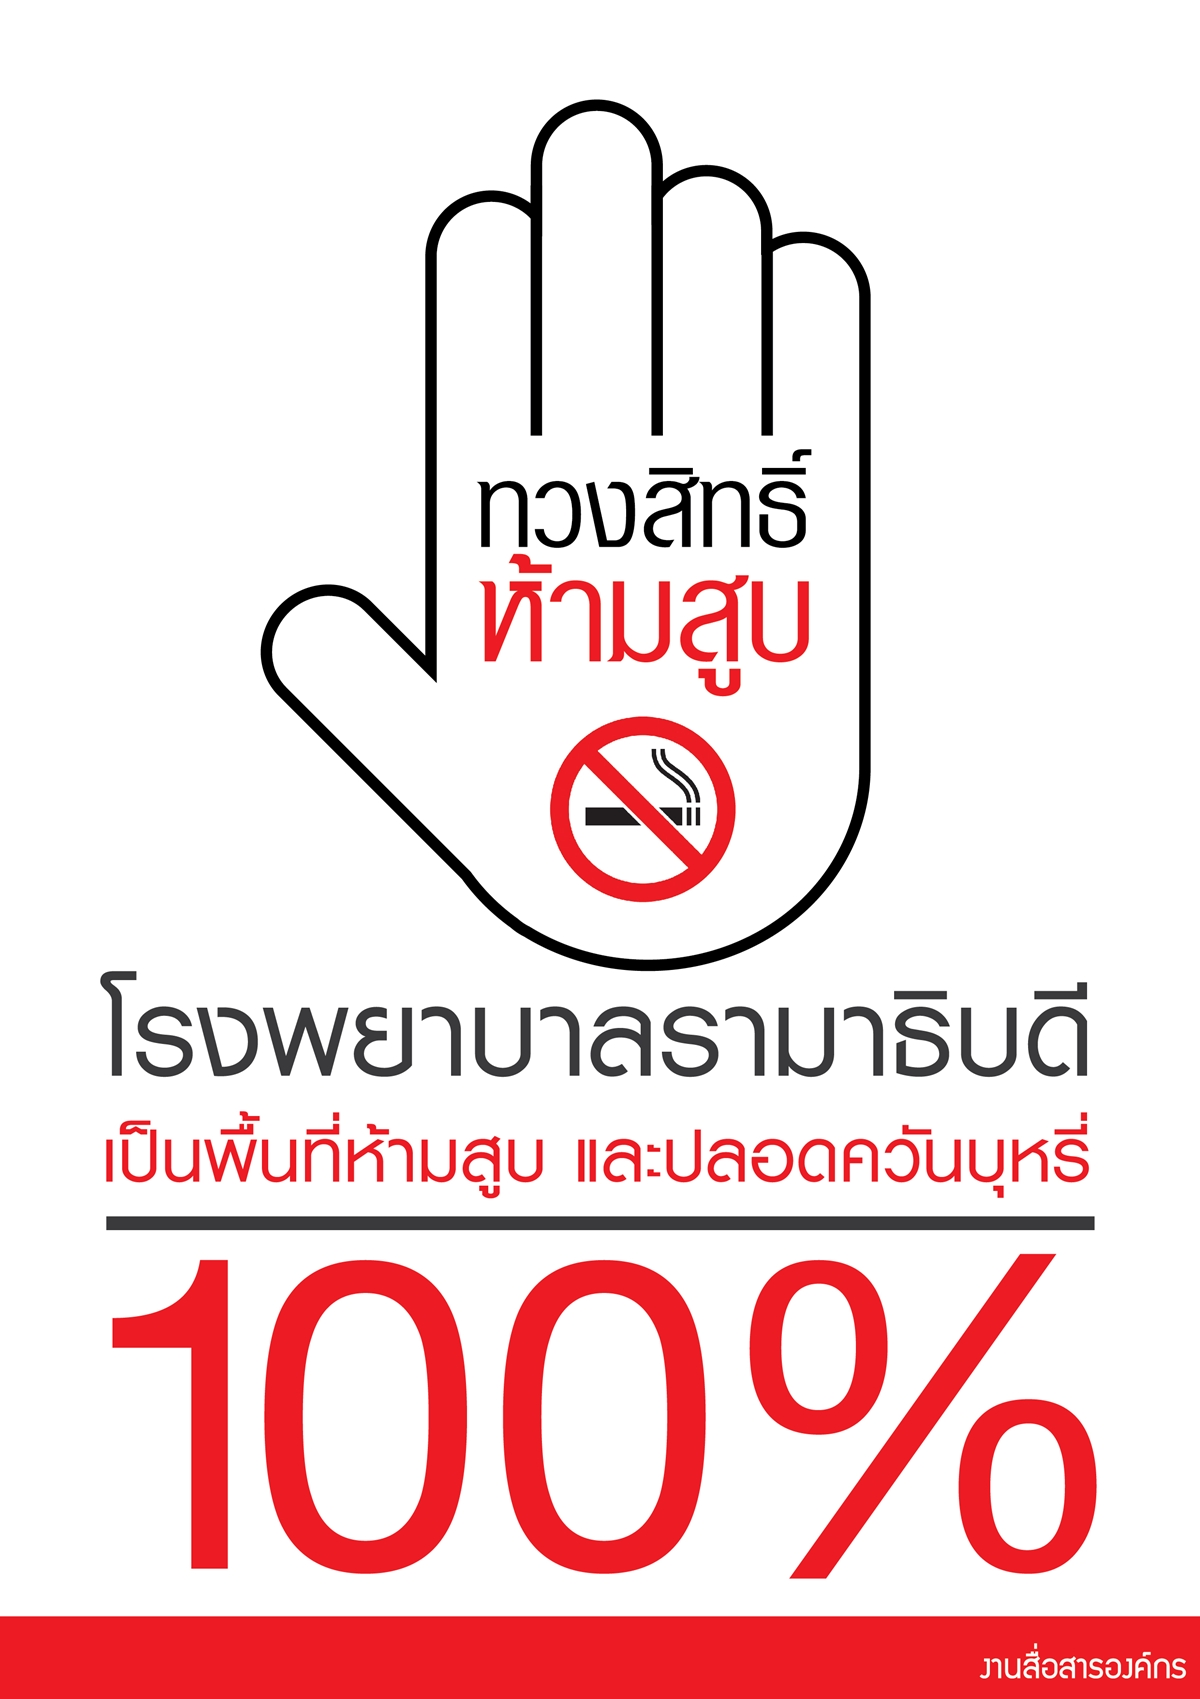 รณรงค์ห้ามสูบบุหรี่ในโรงพยาบาล